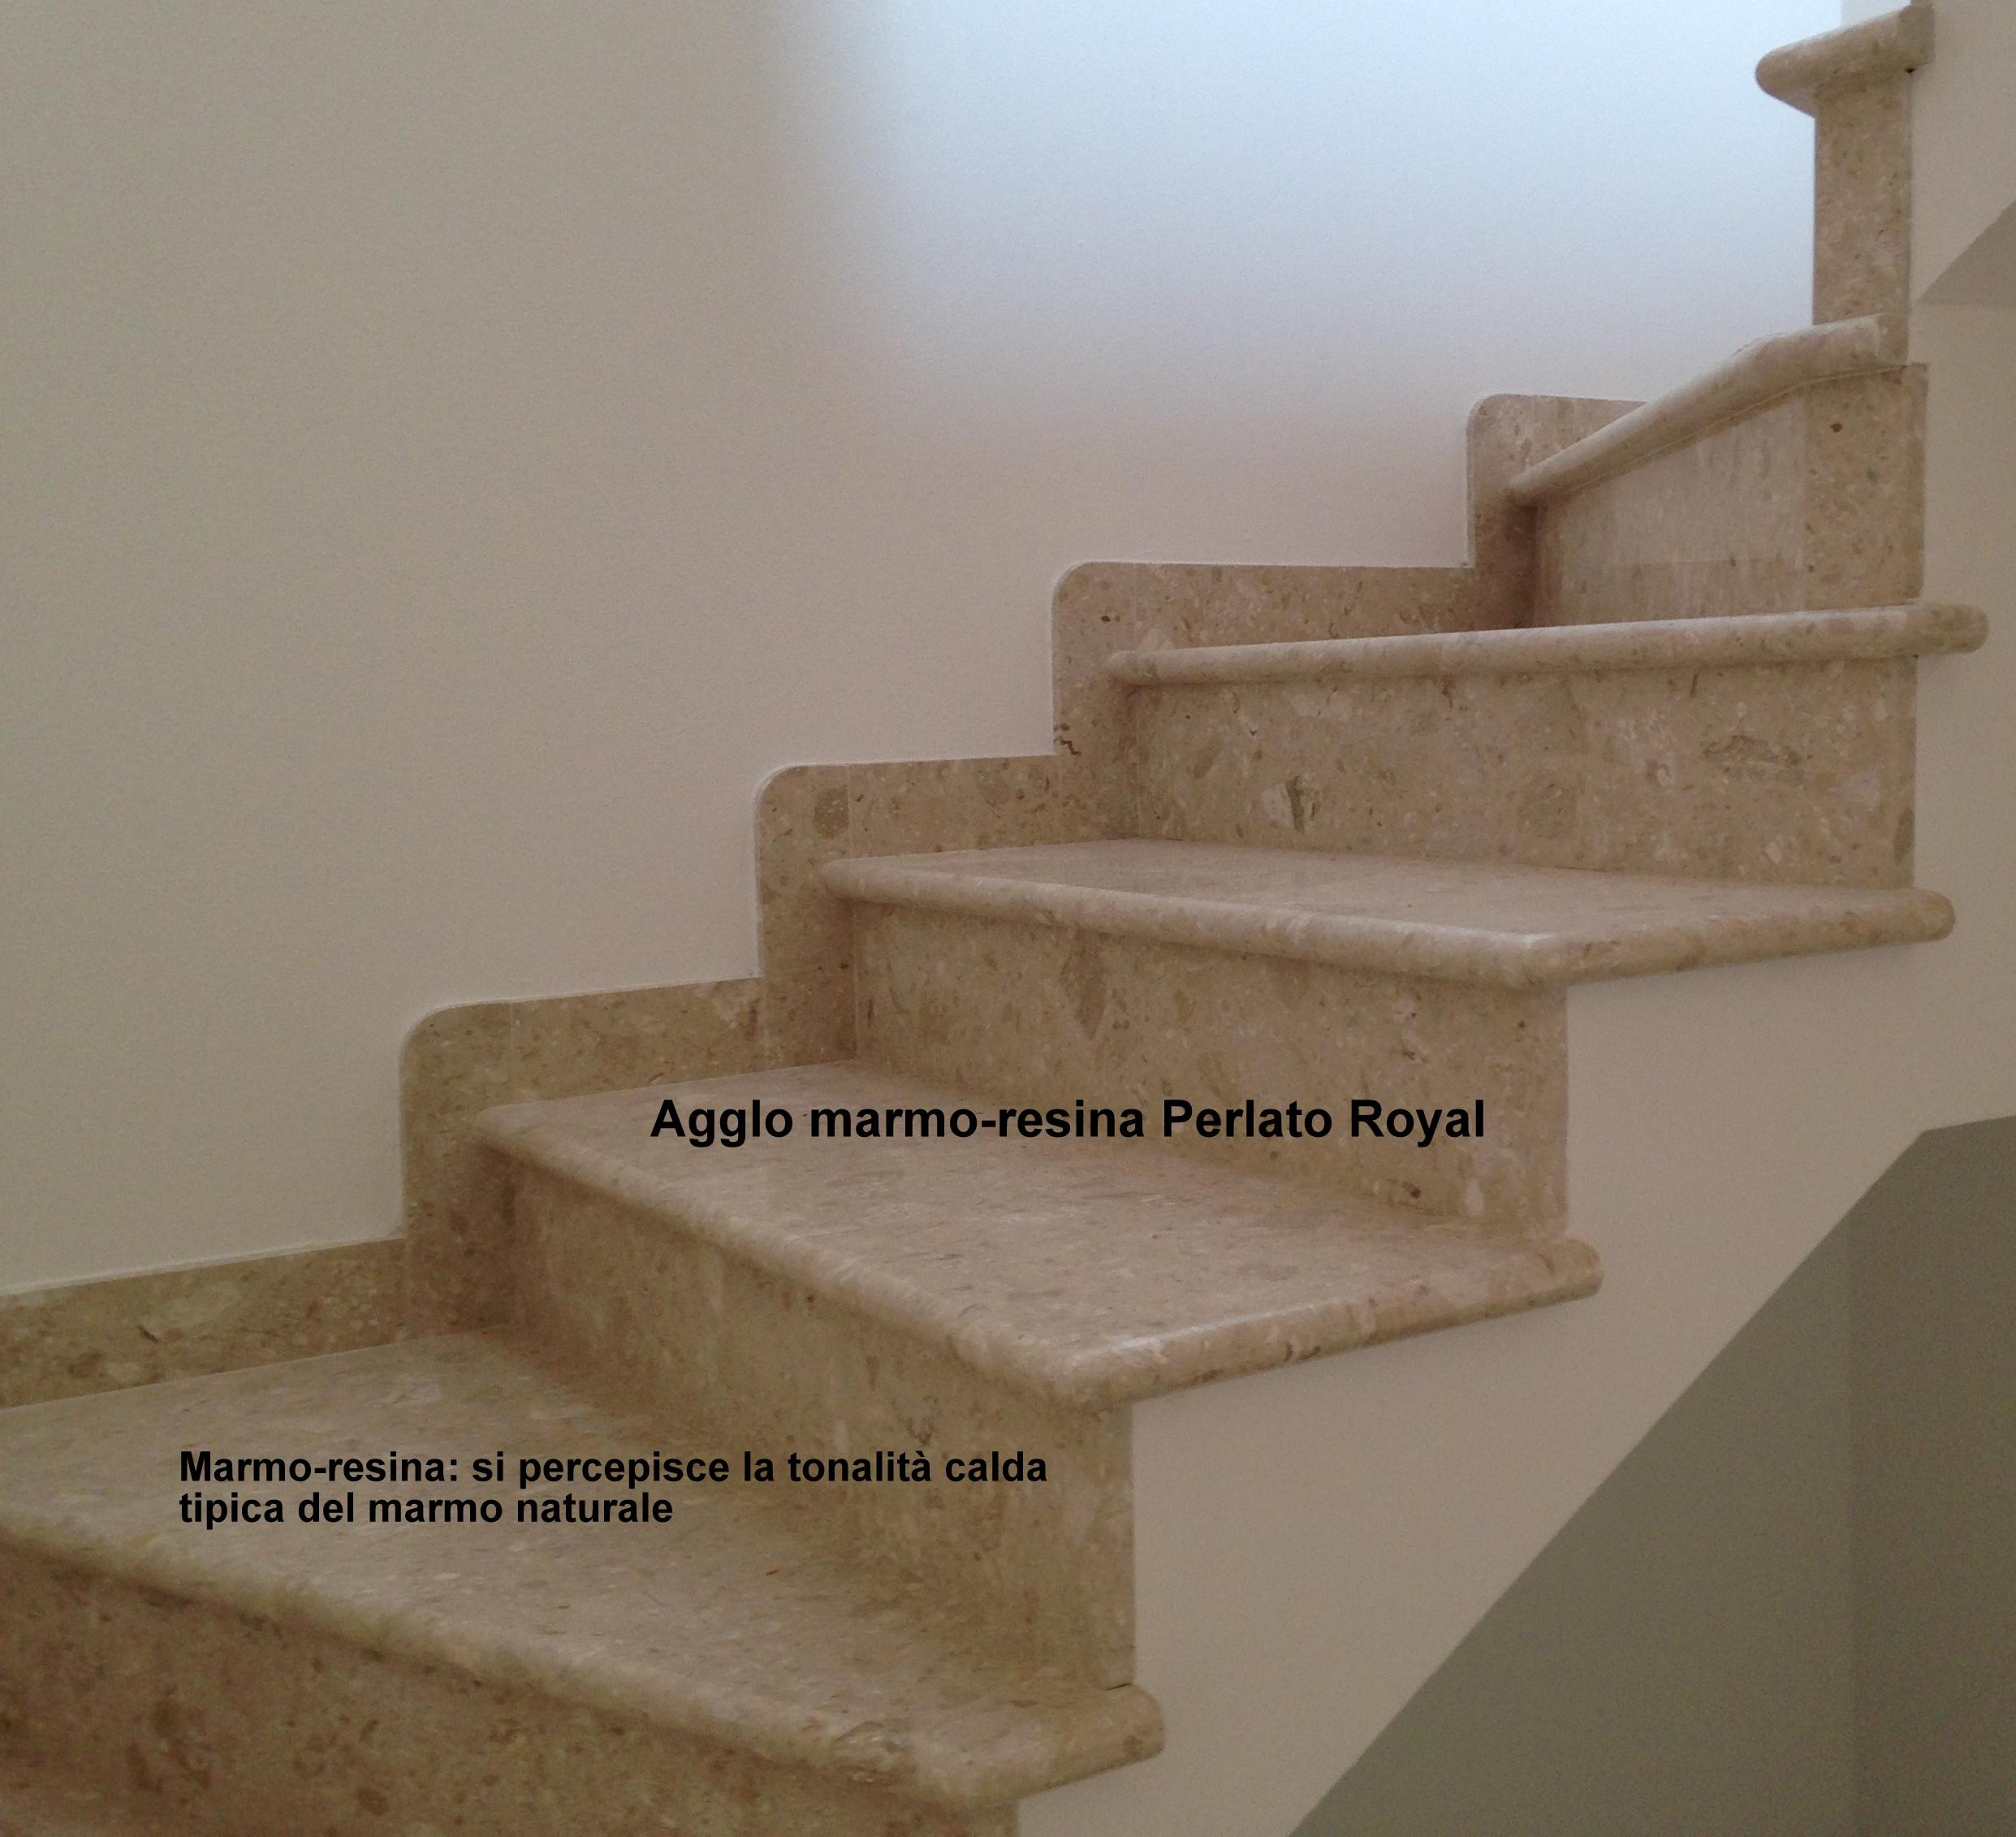 Marmo resina agglomerato lavorazioni in marmo padovalavorazioni in marmo padova - Marmo per scale ...